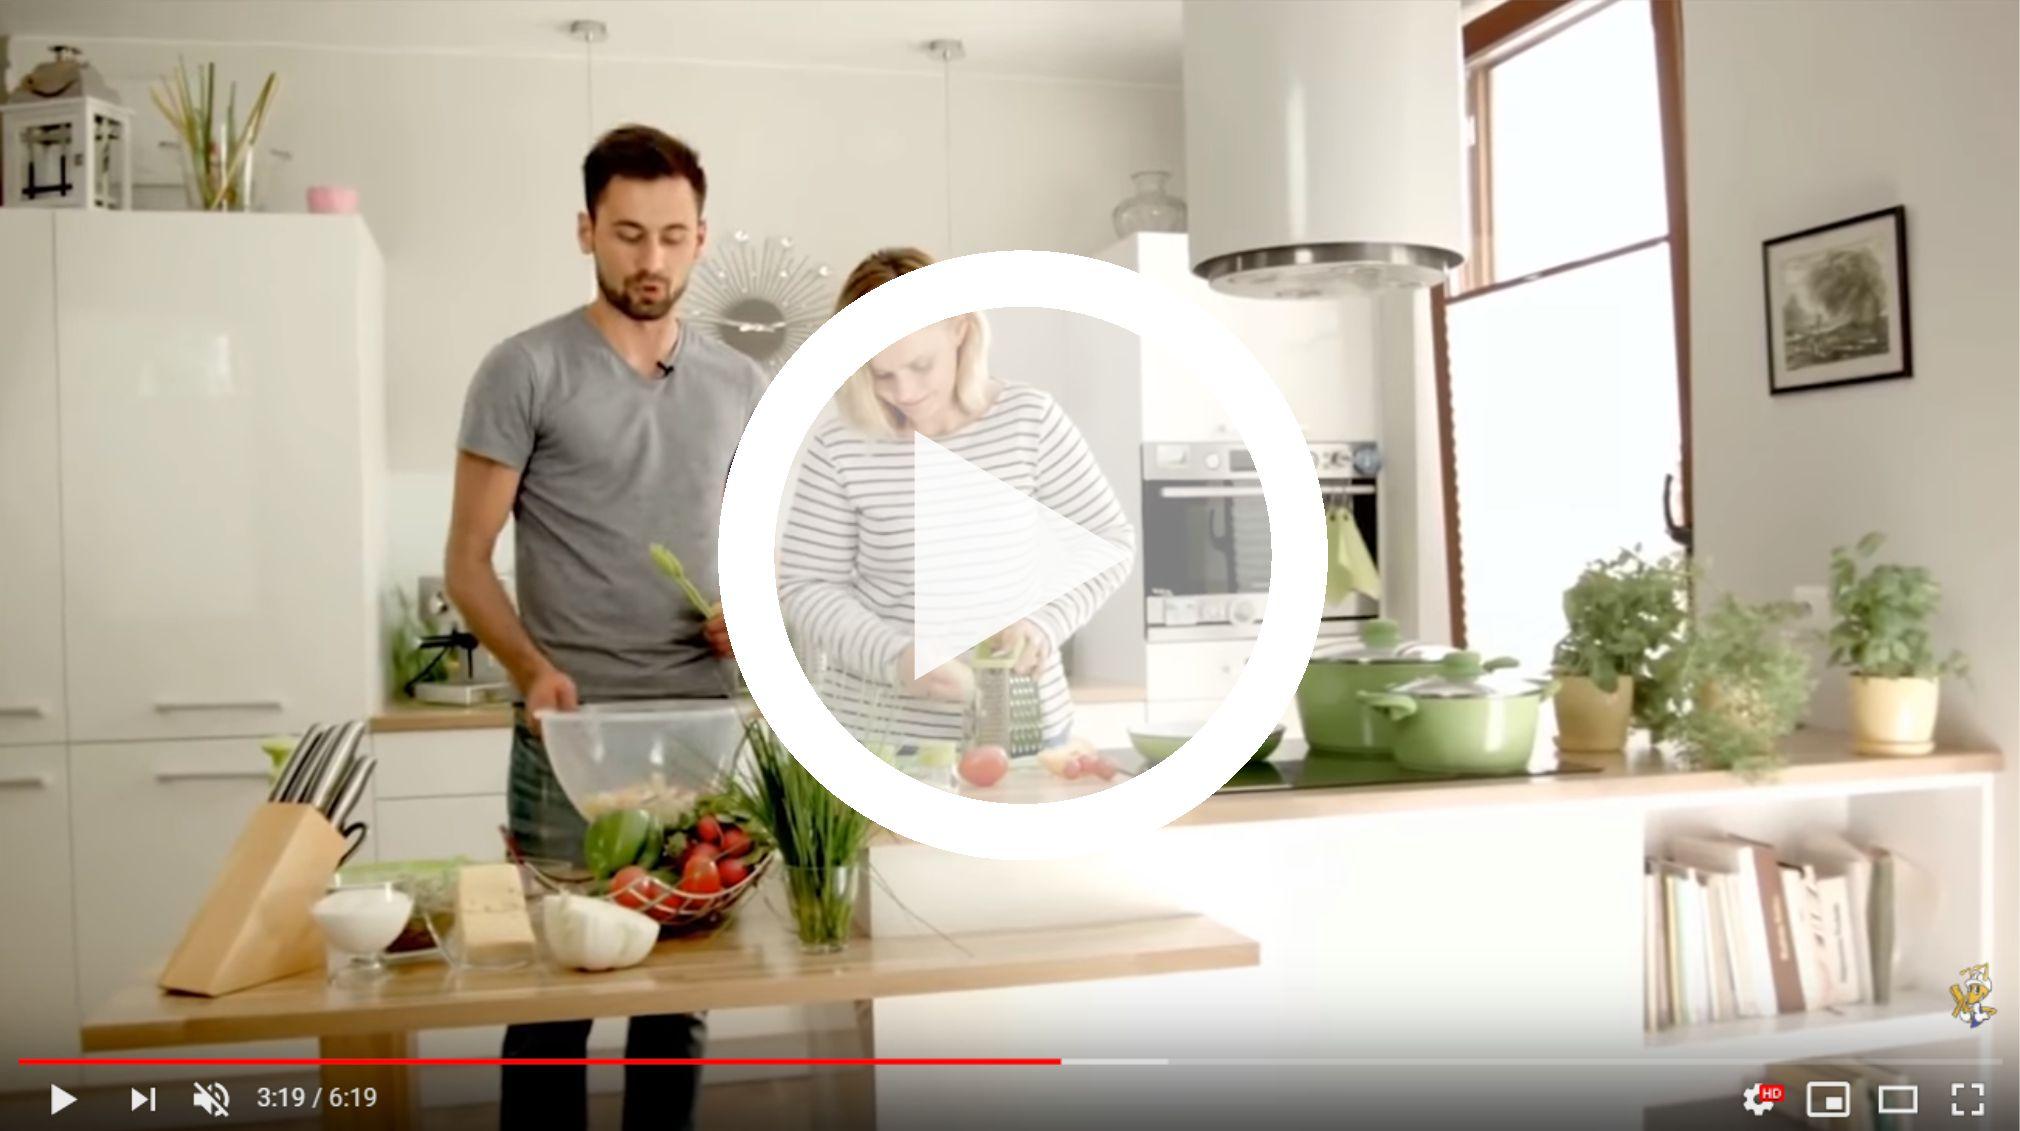 jak-przygotowac-blyskawiczna-salatke-noze-skrobaki-tarki